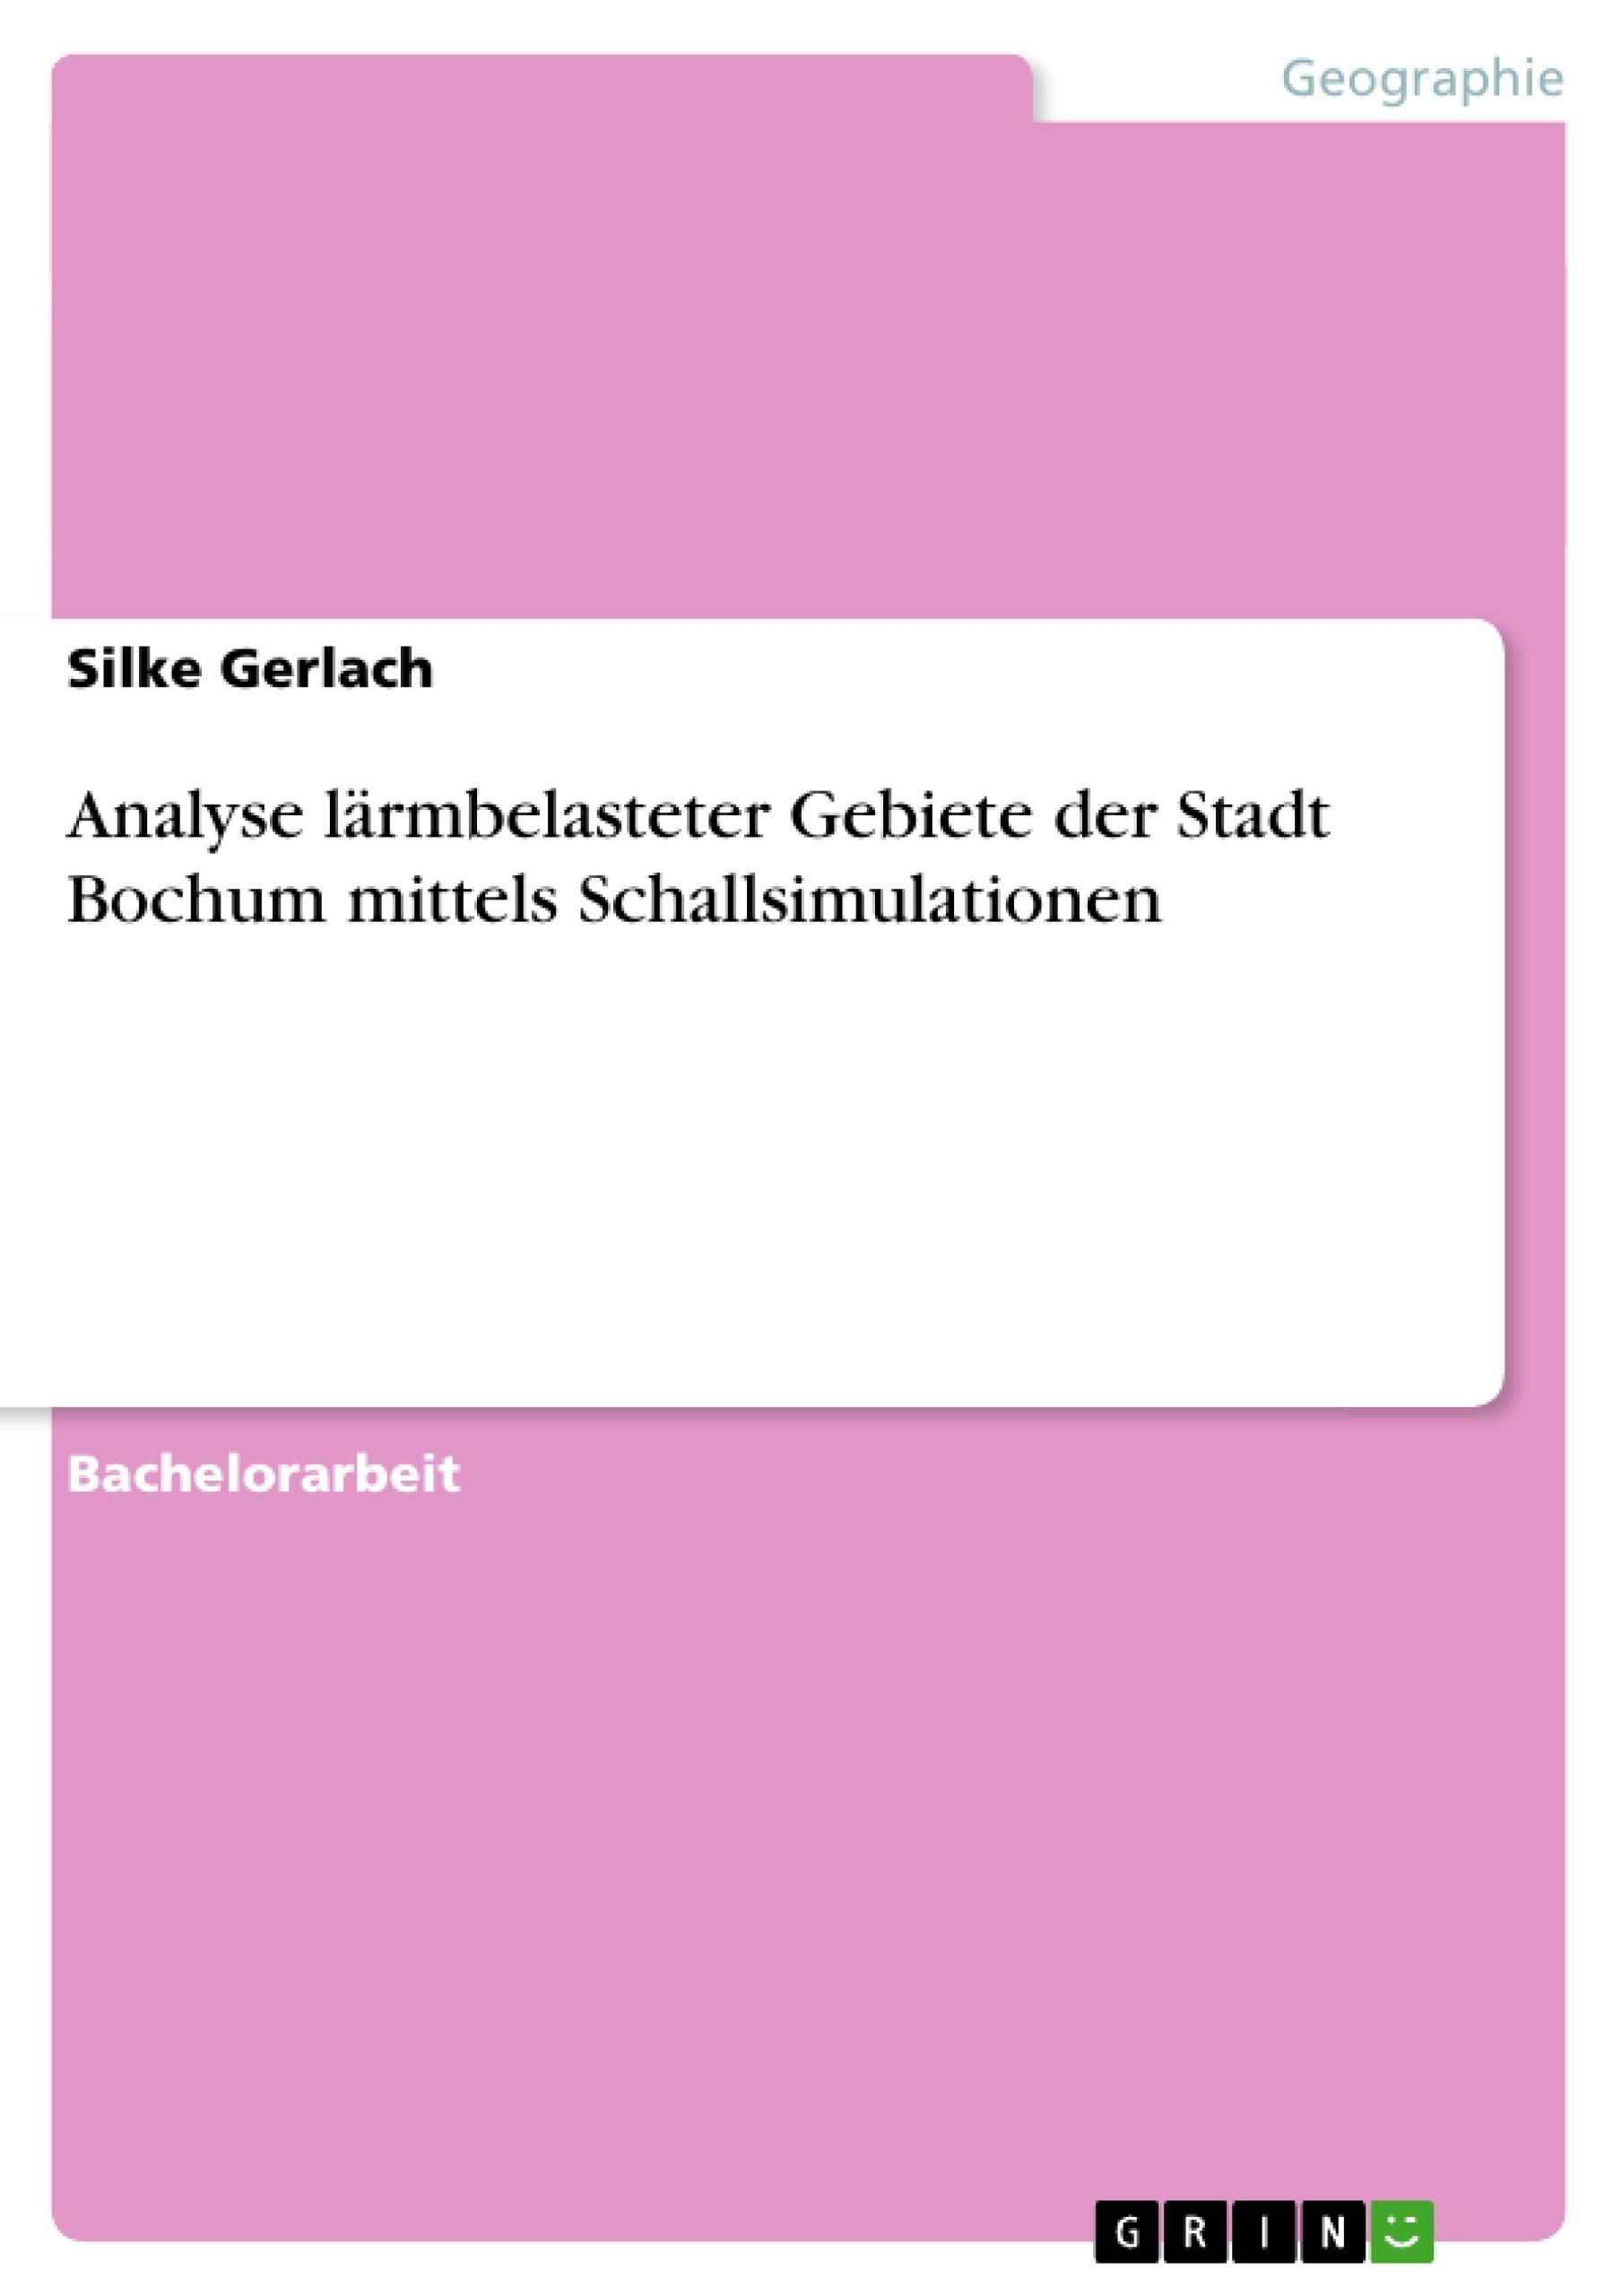 Titel: Analyse lärmbelasteter Gebiete der Stadt Bochum mittels Schallsimulationen